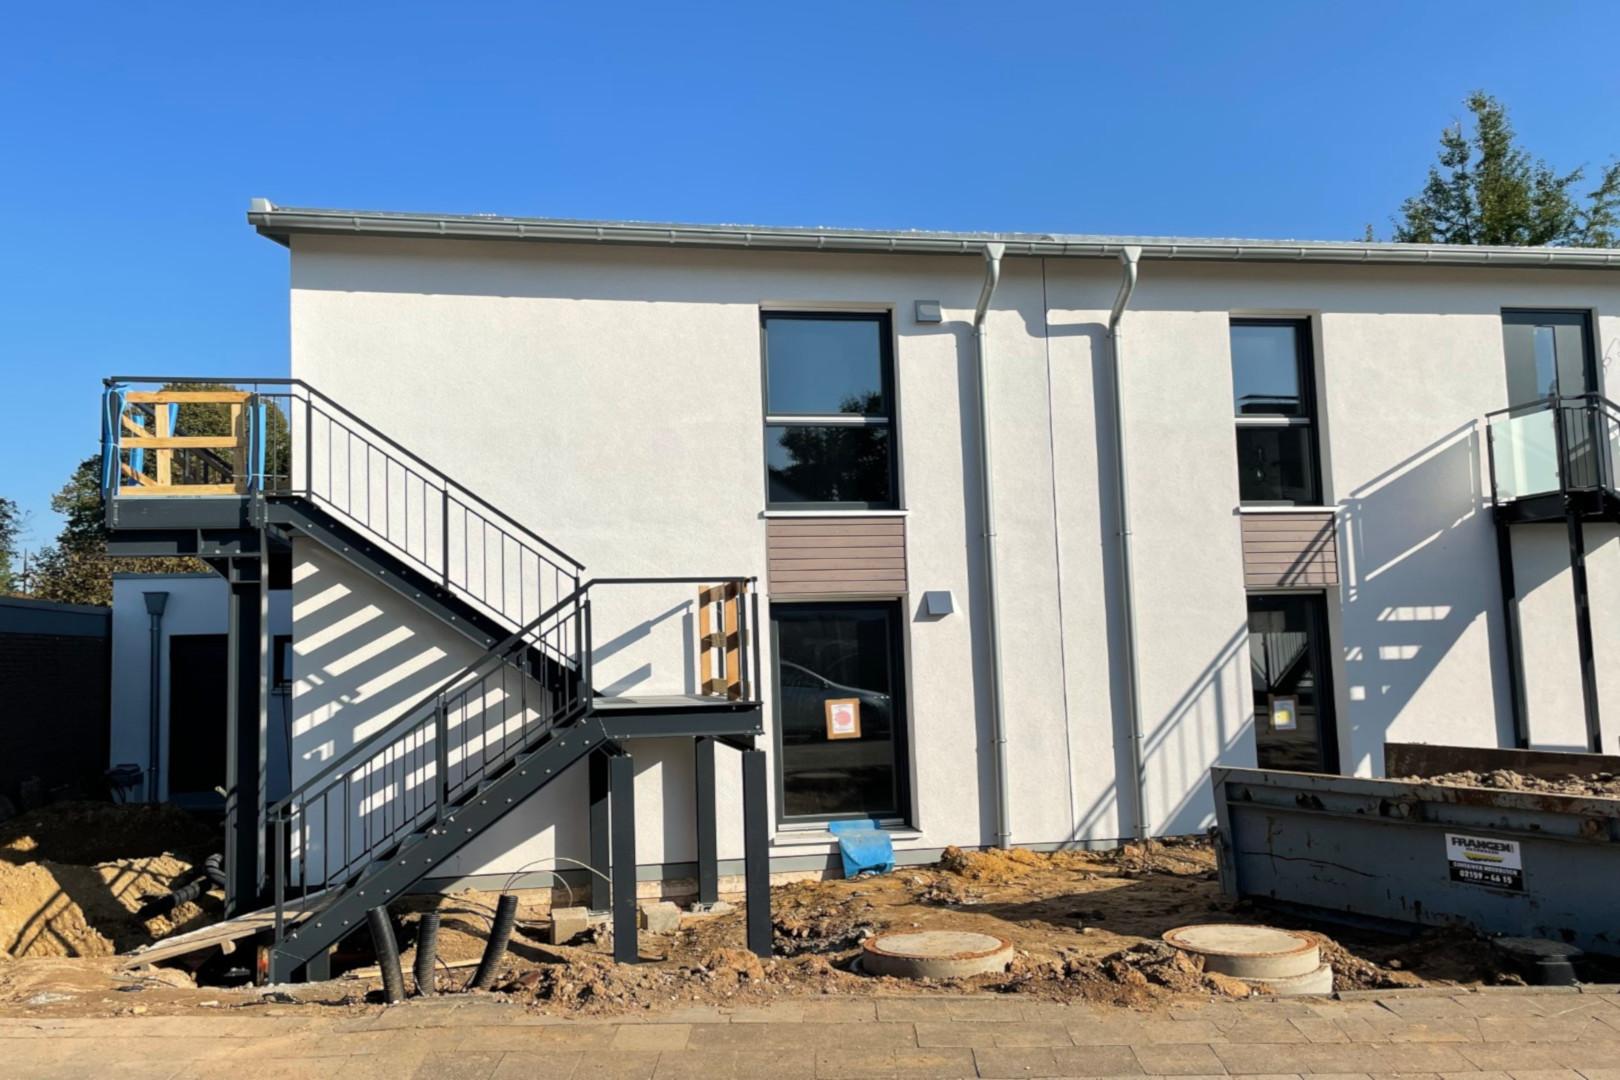 Immobilie Nr.0362a - Doppelhaushälfte als Passivhaus mit 2 WE's mit je eigenem Zugang - Bild 7.jpg